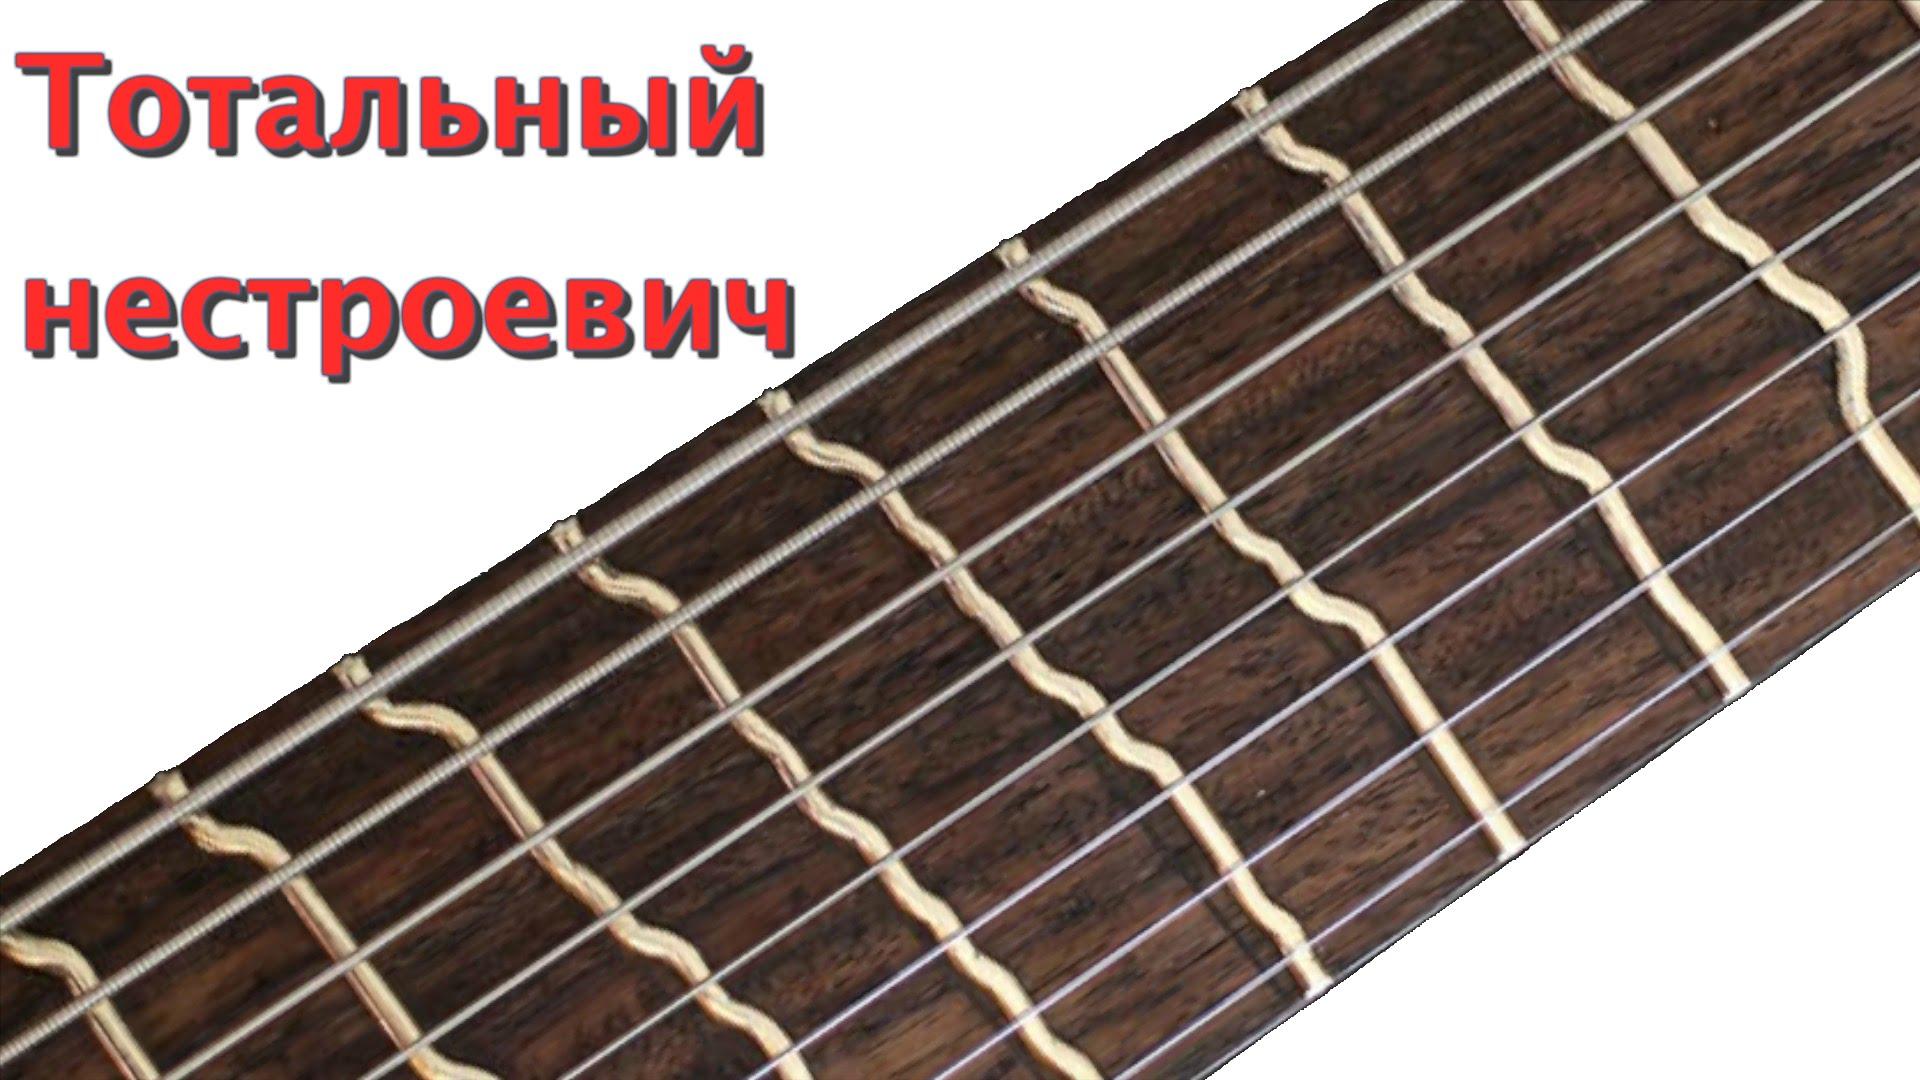 Гитара не может идеально строить